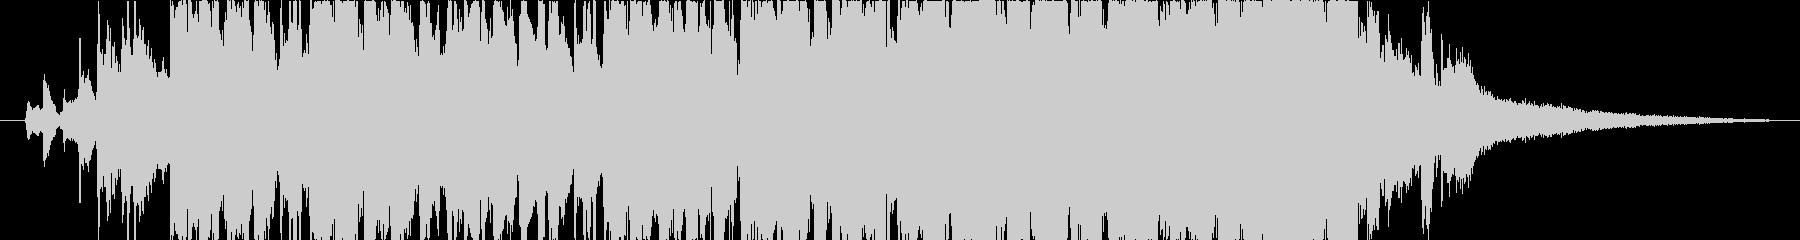 壮大なEDMジングル/CMの未再生の波形